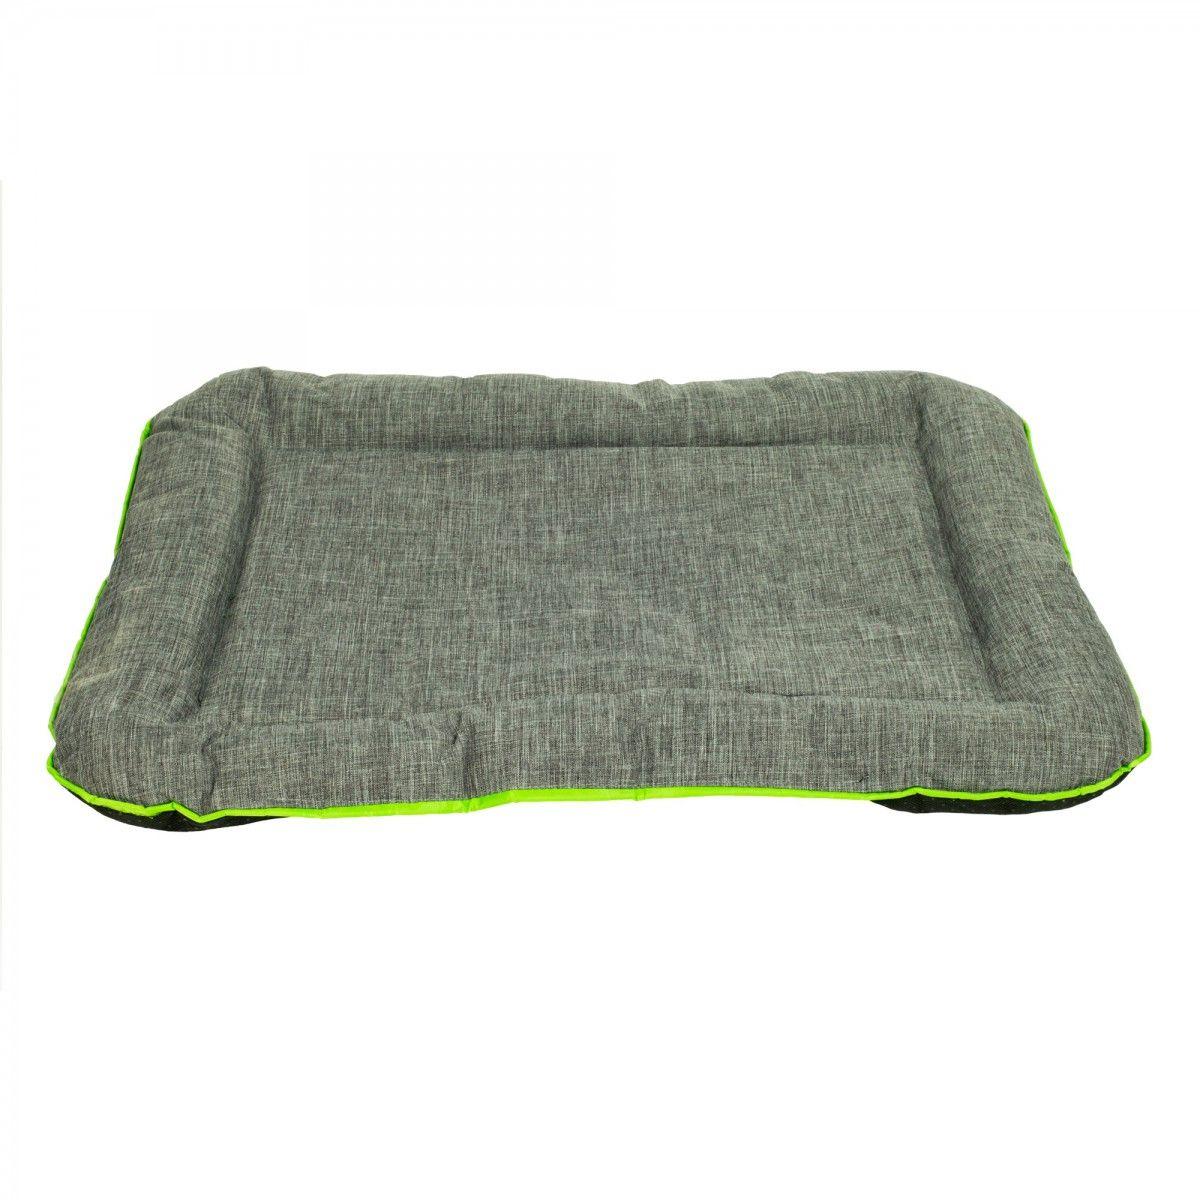 Beatrice Dog Pet Mat Crate Pad Waterproof Bed 24 Pet Mat Dog Crate Pads Dog Pet Beds